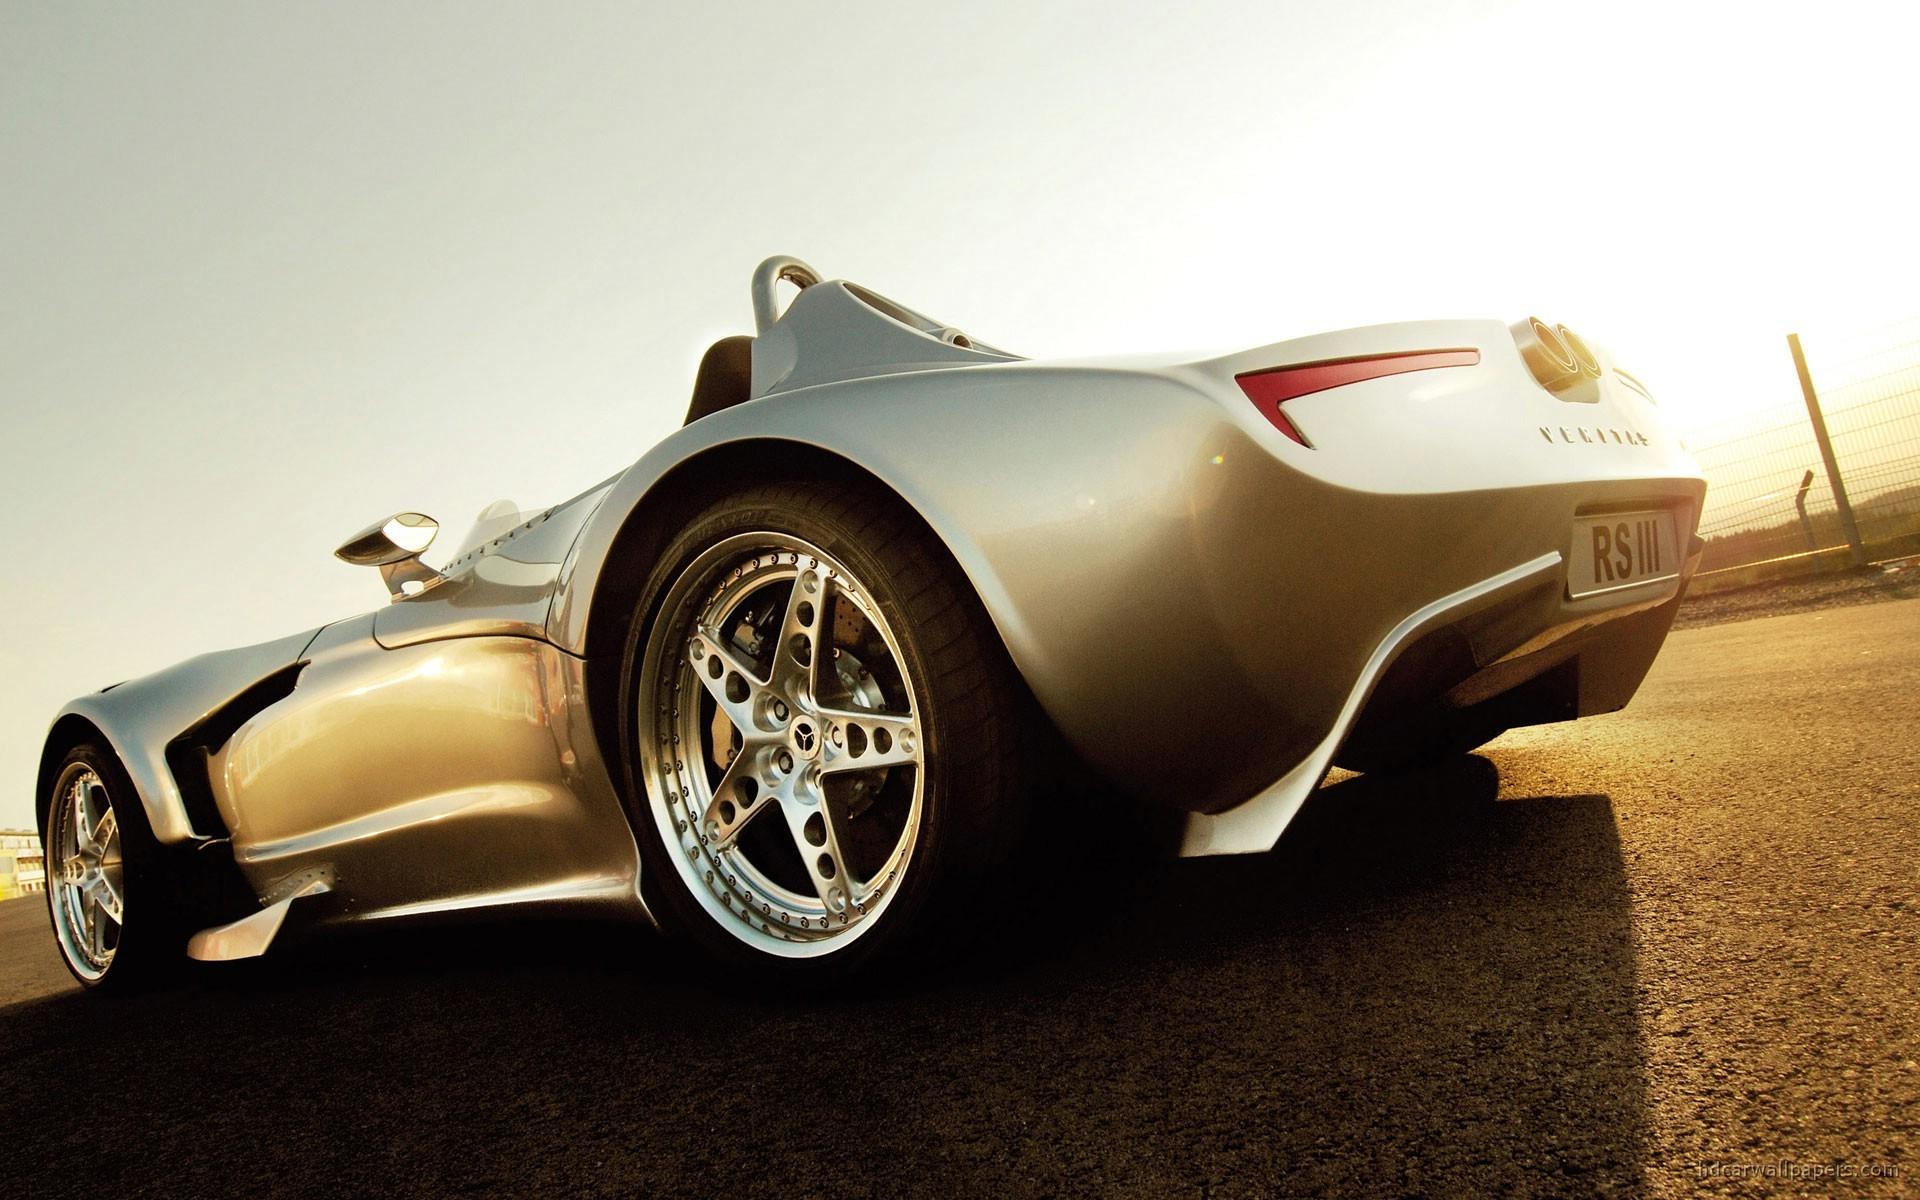 Pin Vermot-veritas-rs-iii-rear-car-wallpaper on Pinterest